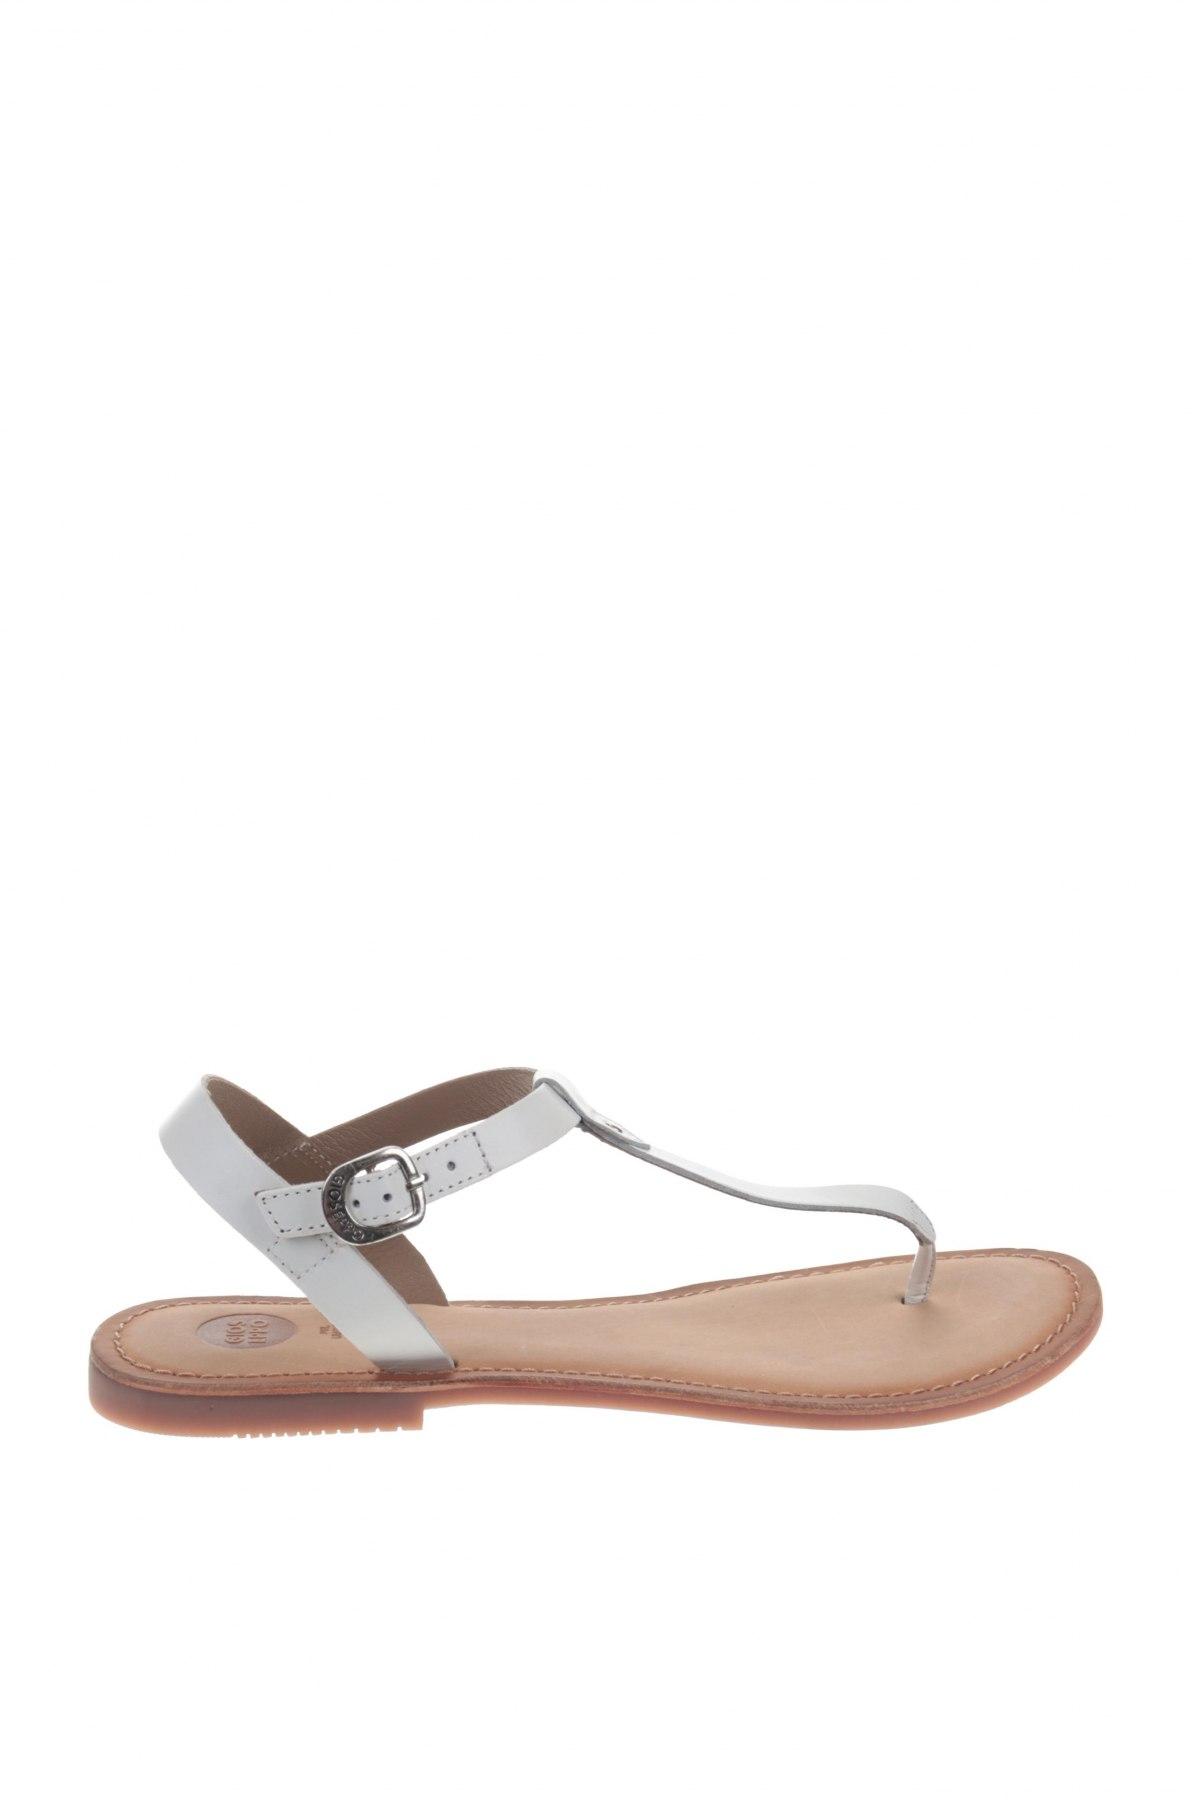 Σανδάλια Gioseppo, Μέγεθος 40, Χρώμα Λευκό, Γνήσιο δέρμα, Τιμή 24,32€